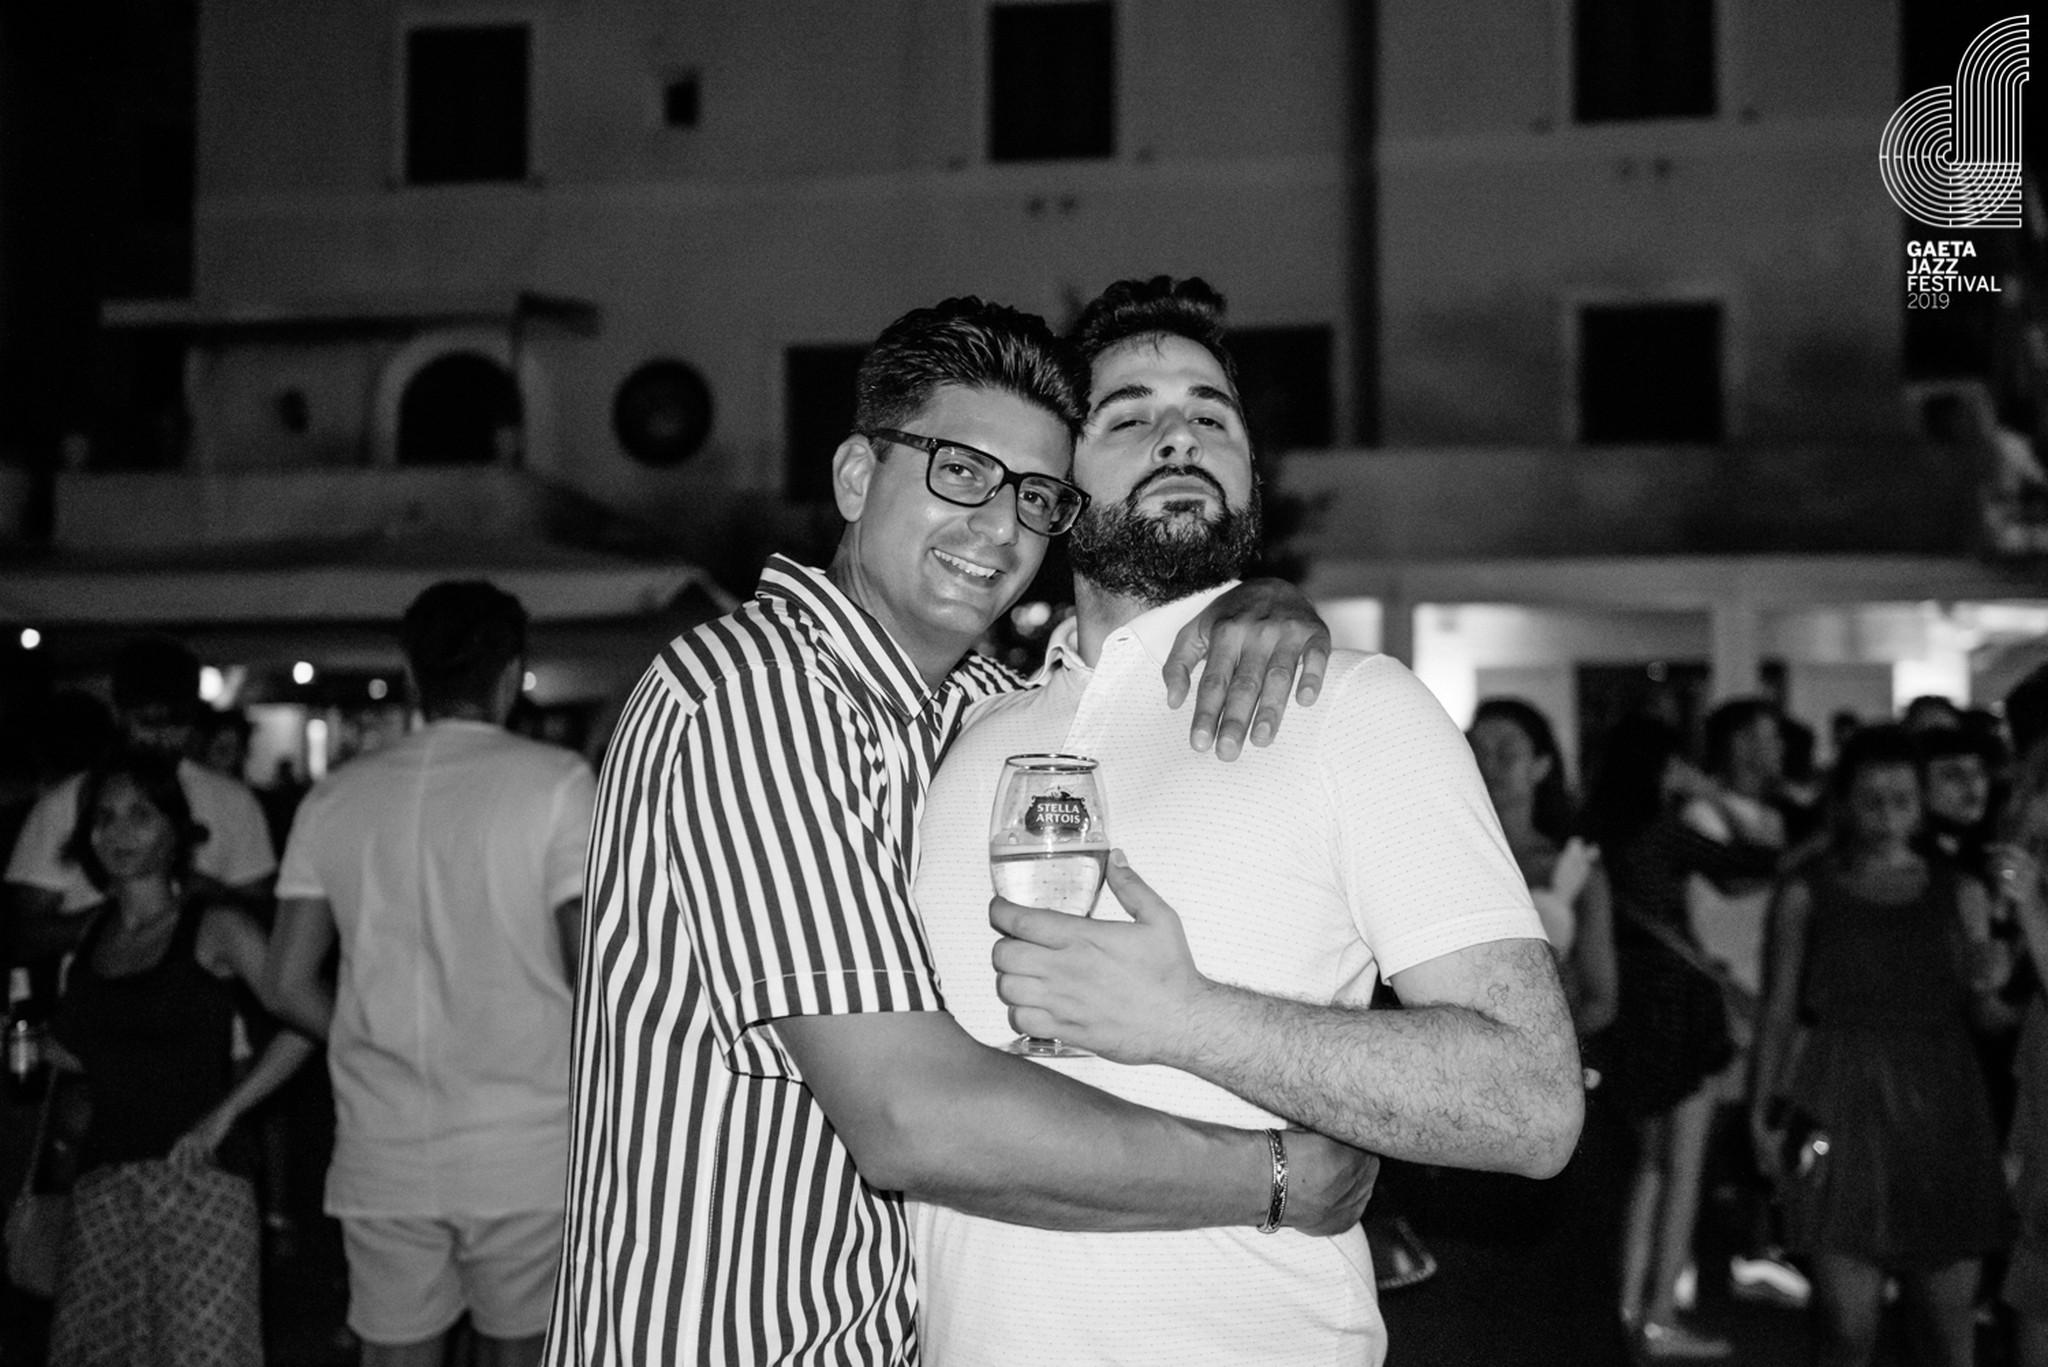 Flavia_Fiengo_Gaeta_Jazz_Festival_live_2019__00080